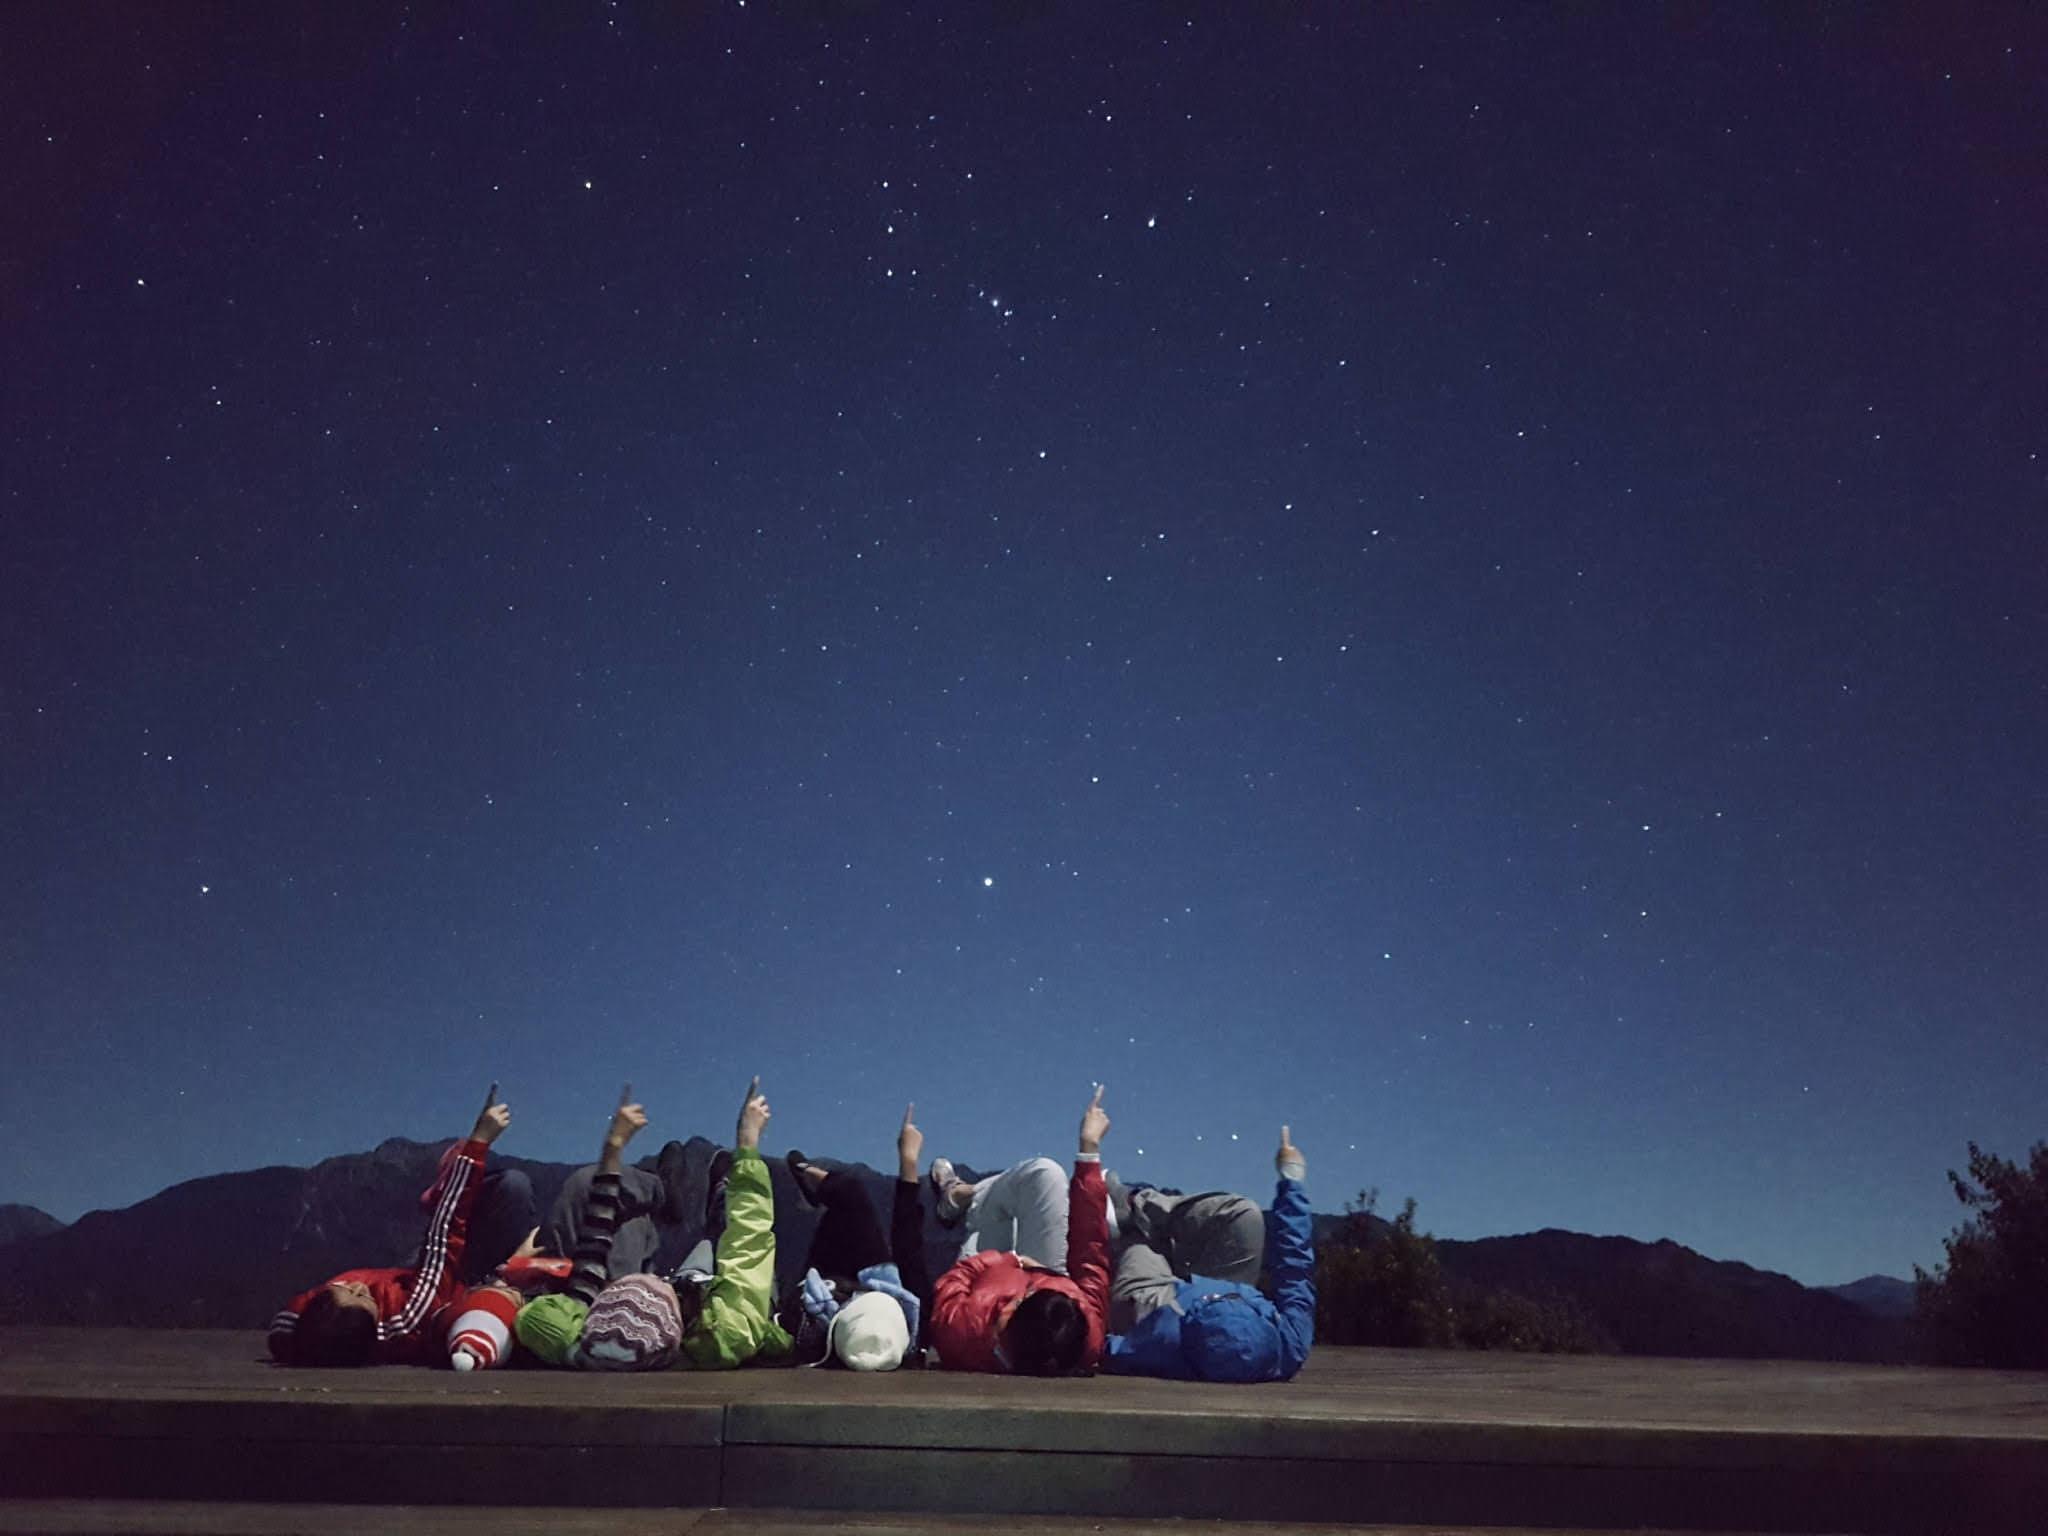 【2020阿里山賞楓】冬夜星團季天文營:觀星、賞楓、雲海一次看好看滿!